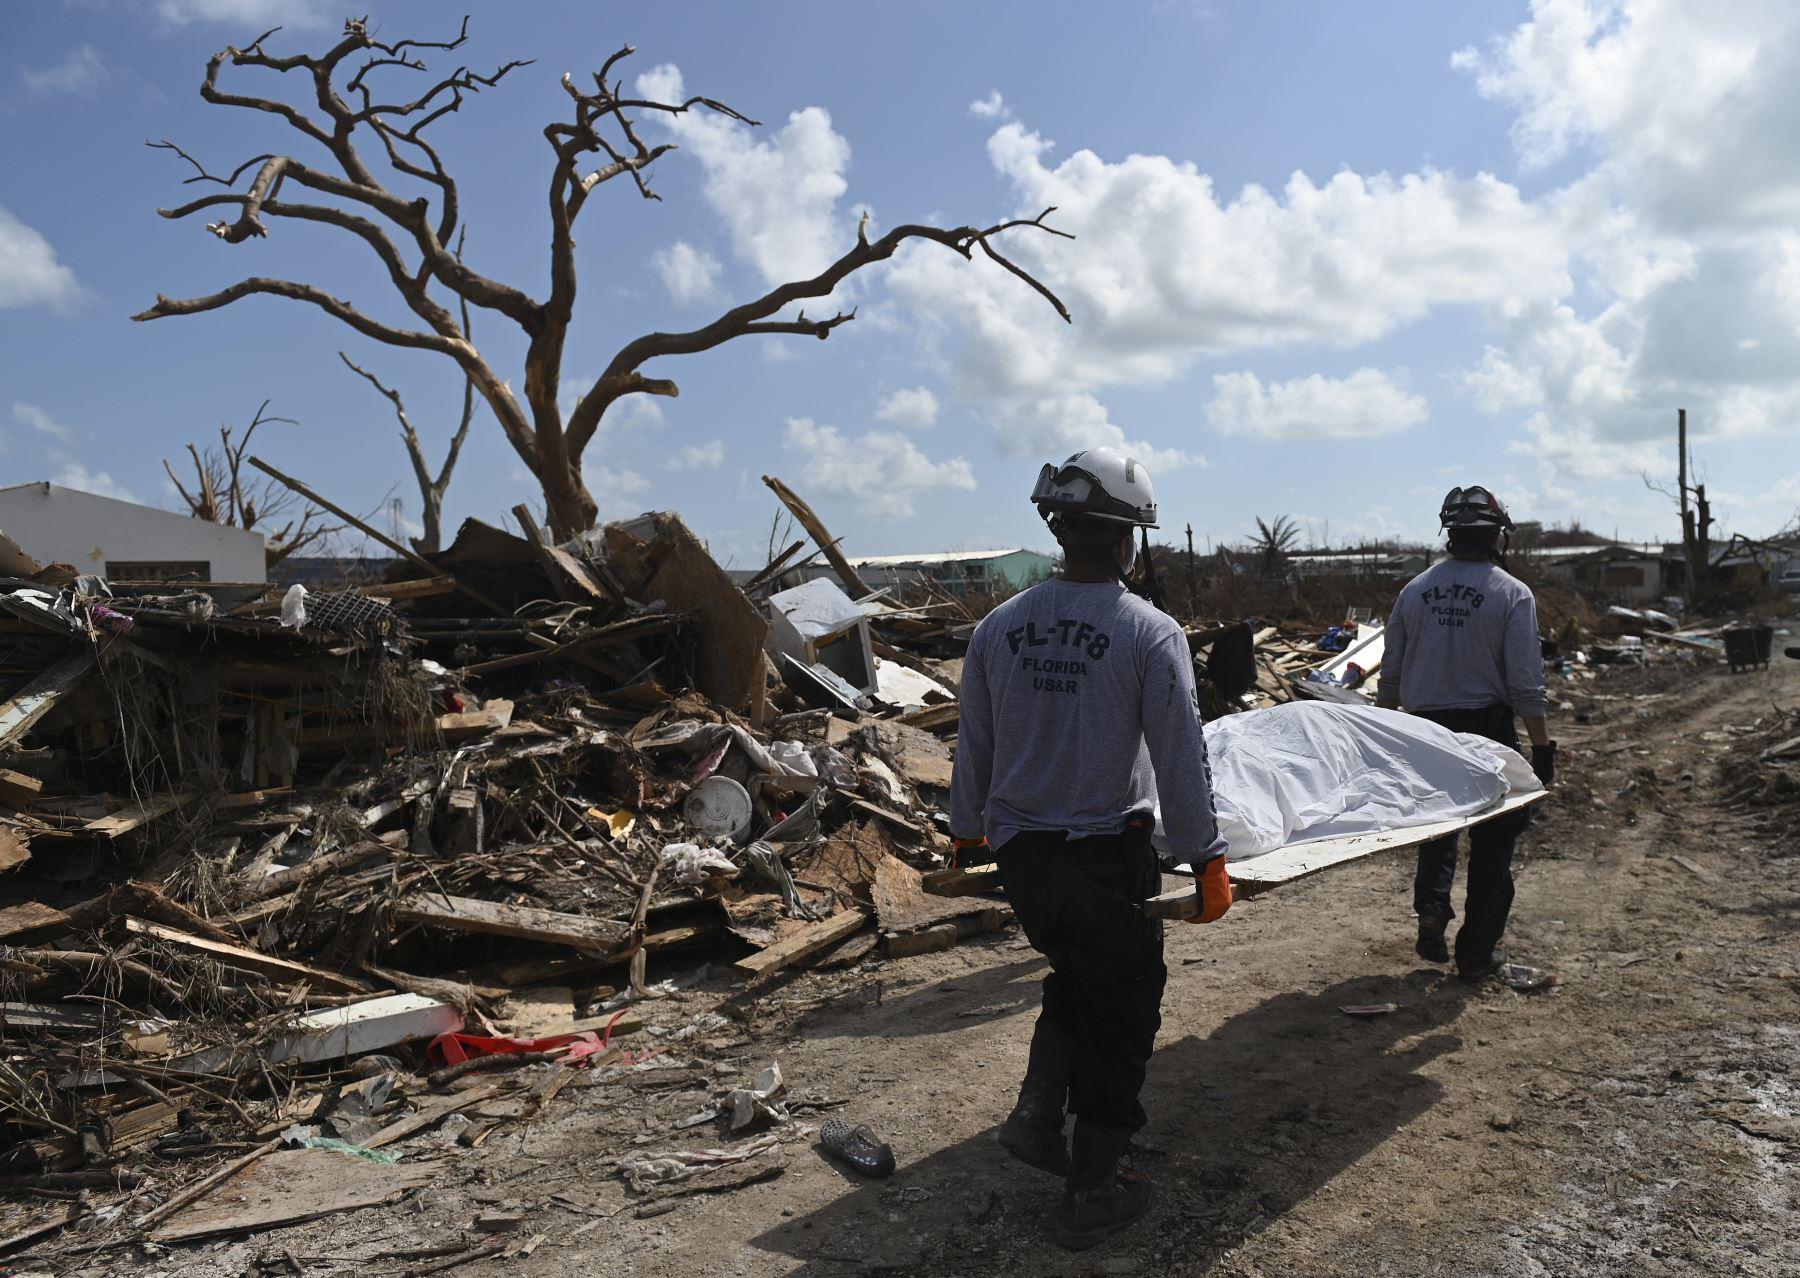 Una búsqueda y rescate con sede en Florida recupera a una víctima del huracán Dorian en Marsh Harbour, Bahamas.Foto:AFP